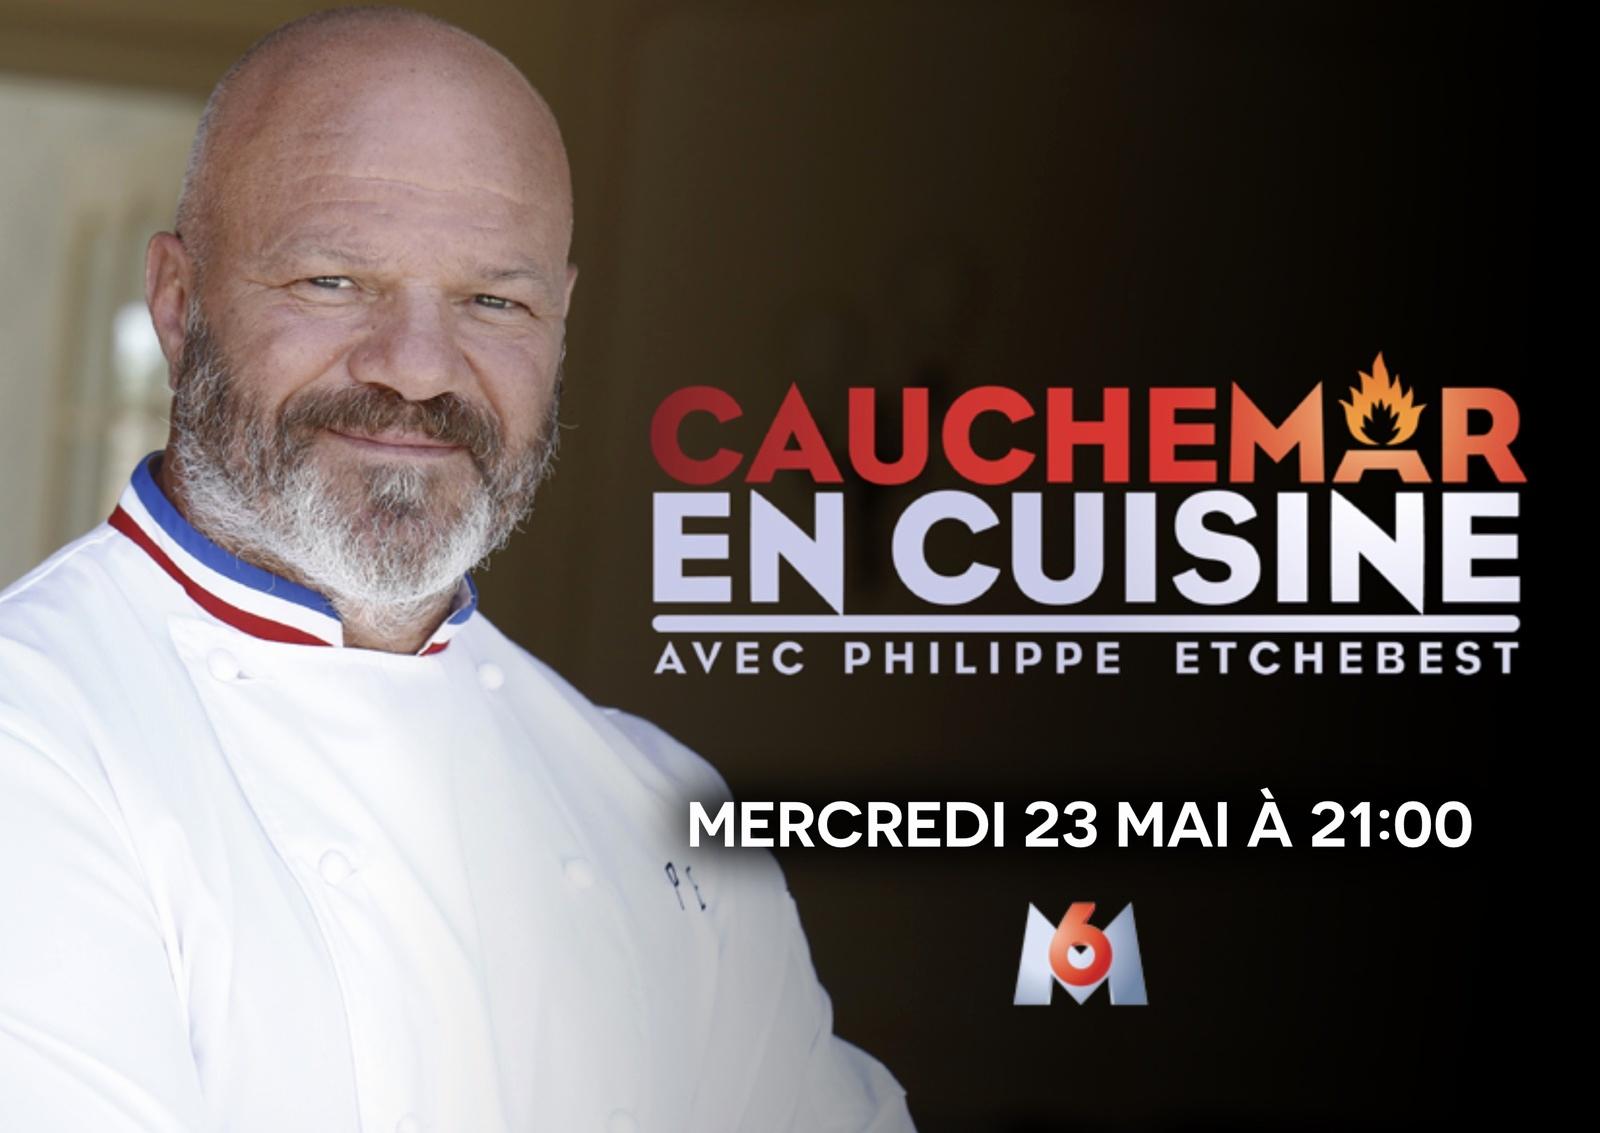 Gordon Ramsay Cauchemar En Cuisine Streaming Impressionnant Stock 23 Génial De Cauchemar En Cuisine Marseille